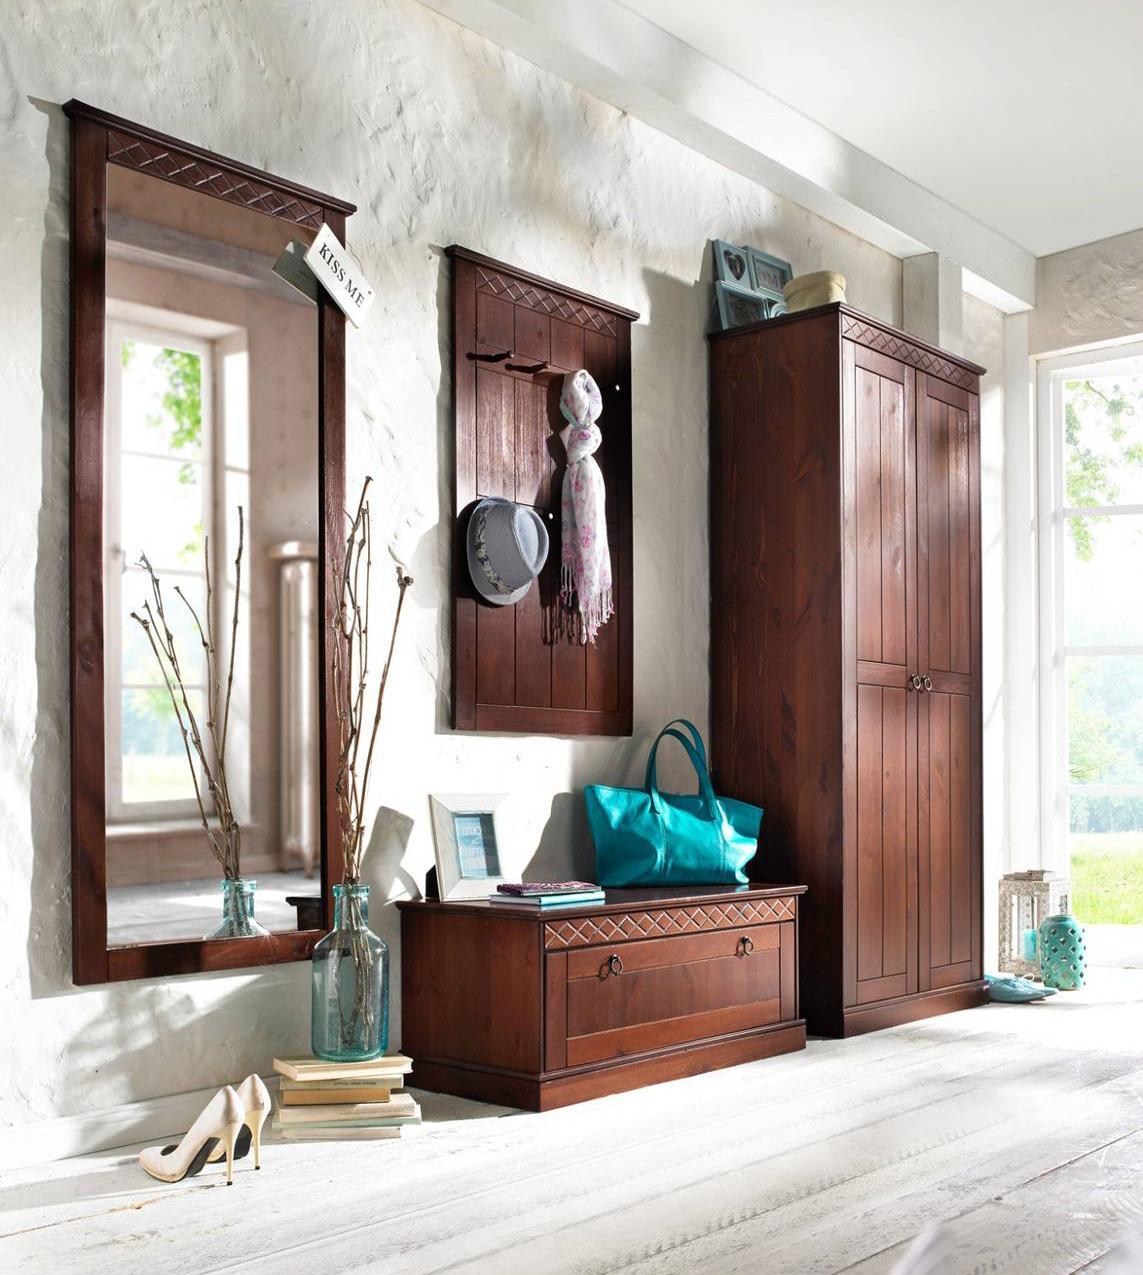 Casa in stile country protagonisti legno e materiali for Bonprix casa mobili